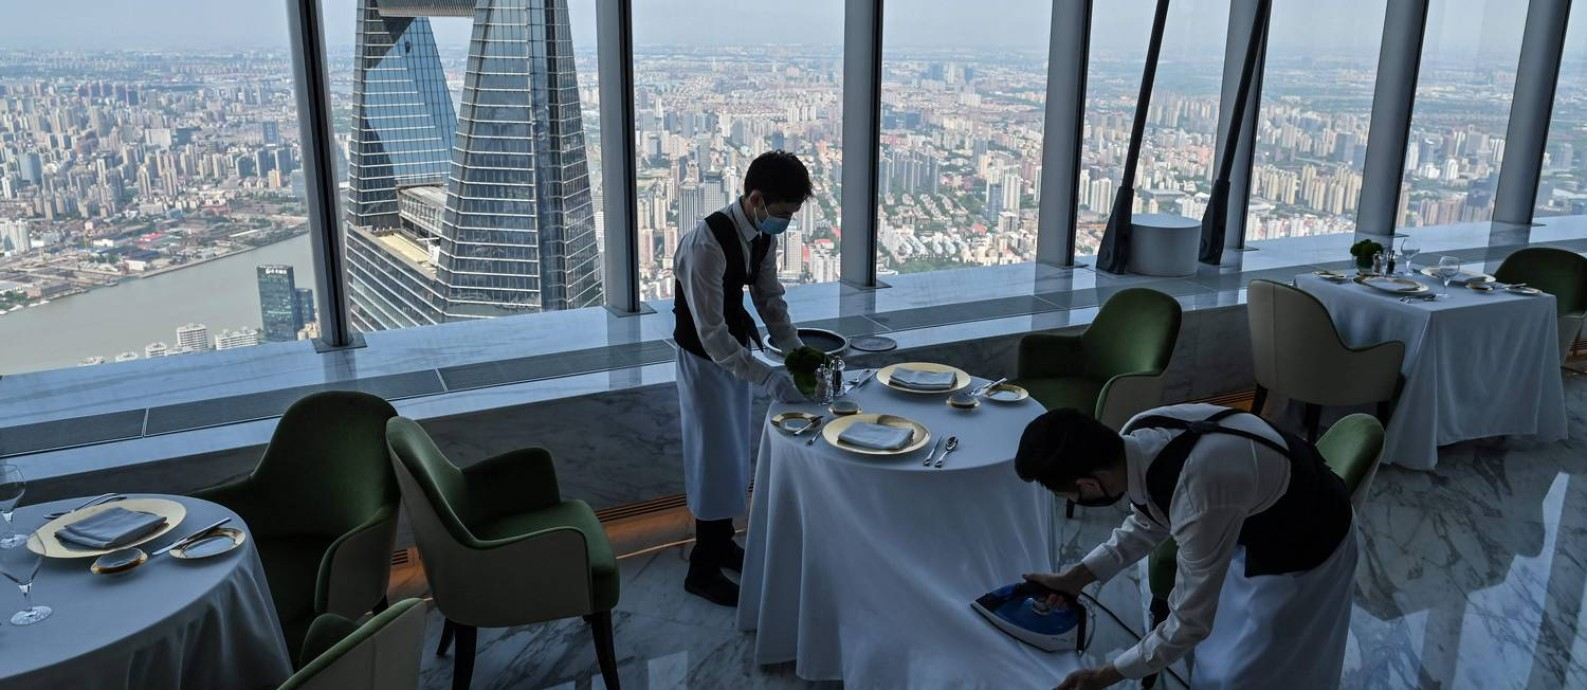 Restaurante no 120º andar do J Hotel, em Pudong, distrito financeiro de Xangai; linhas modernas das cidades são exemplos de crescimento que PC chinês aponta como sua maior fonte de legitimidade Foto: HECTOR RETAMAL / AFP